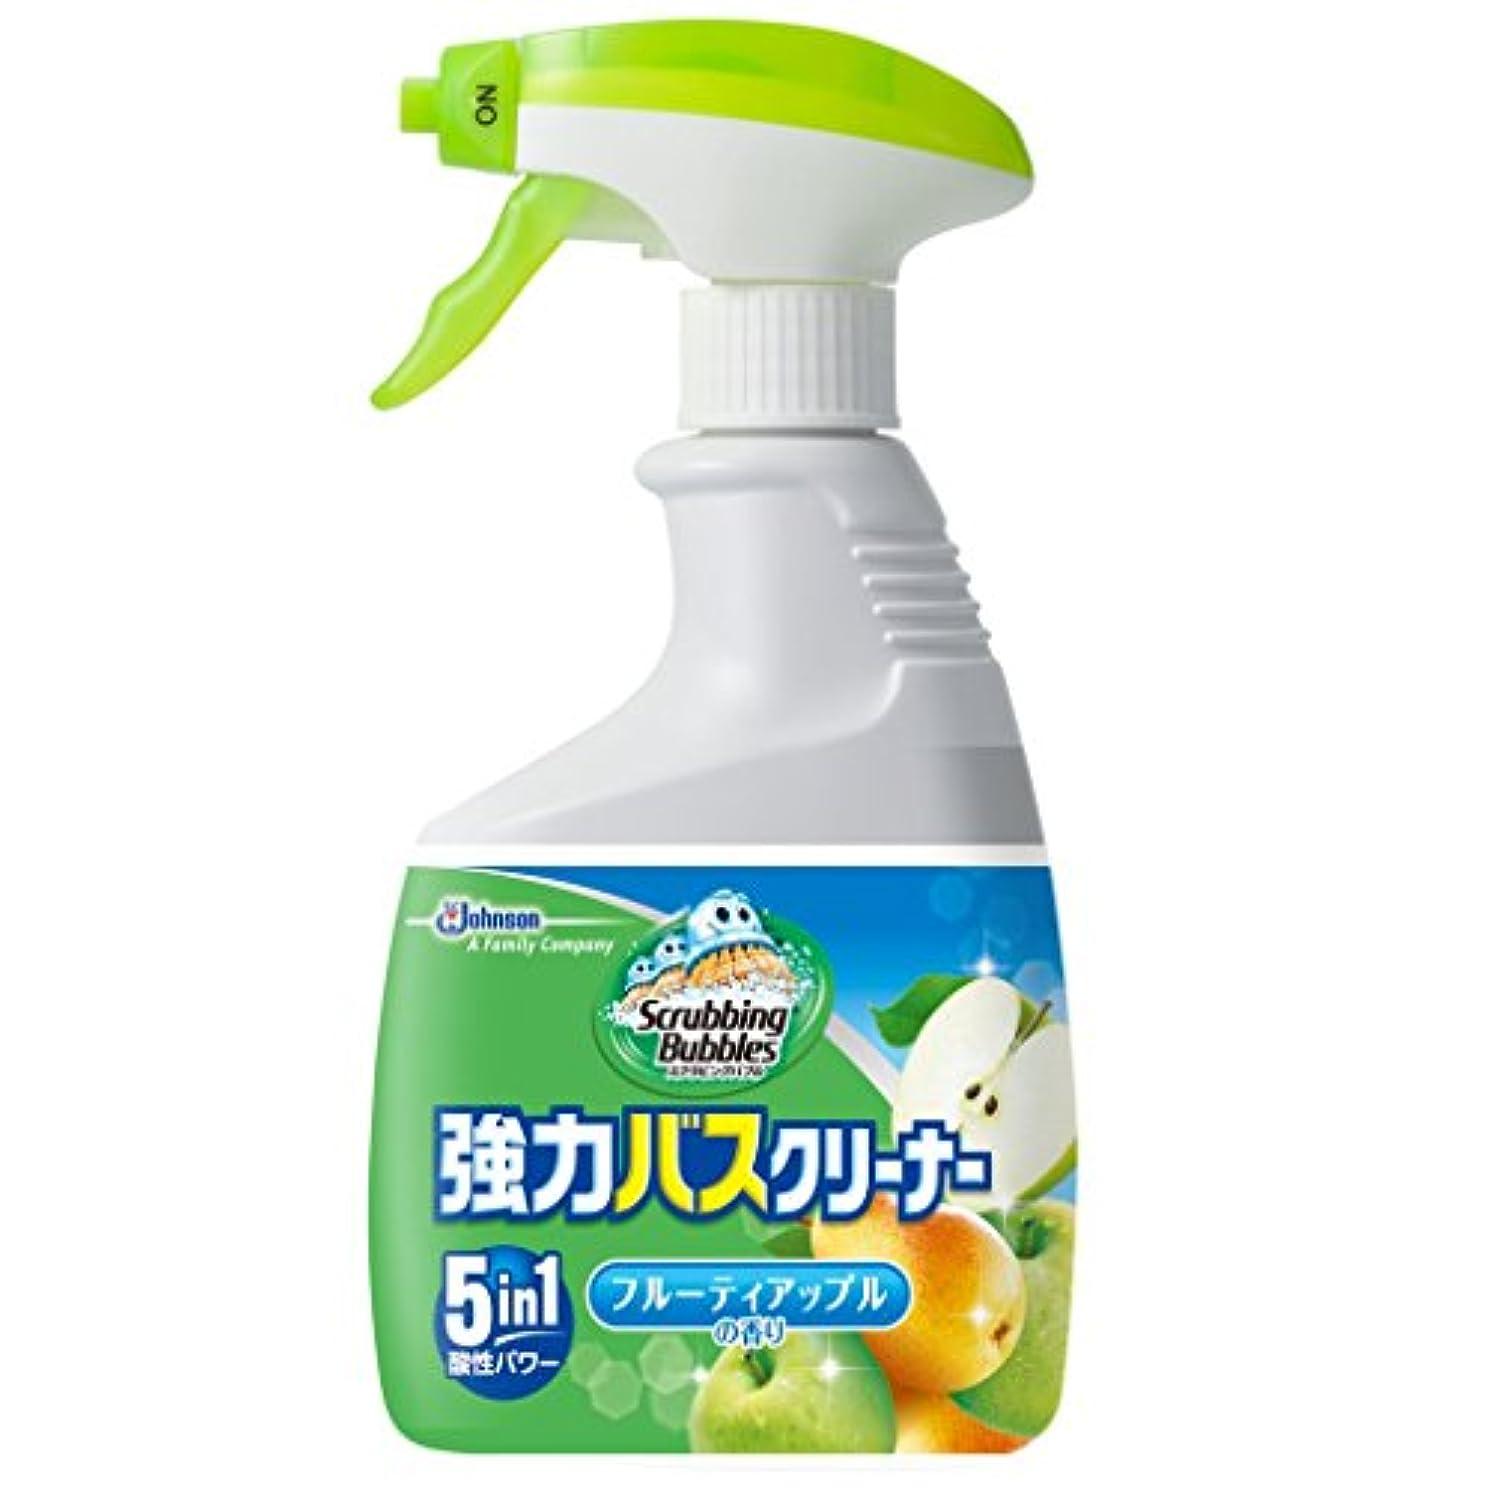 リップジェーンオースティン慣習スクラビングバブル 浴室?浴槽洗剤 強力バスクリーナー フルーティアップルの香り 本体 400ml